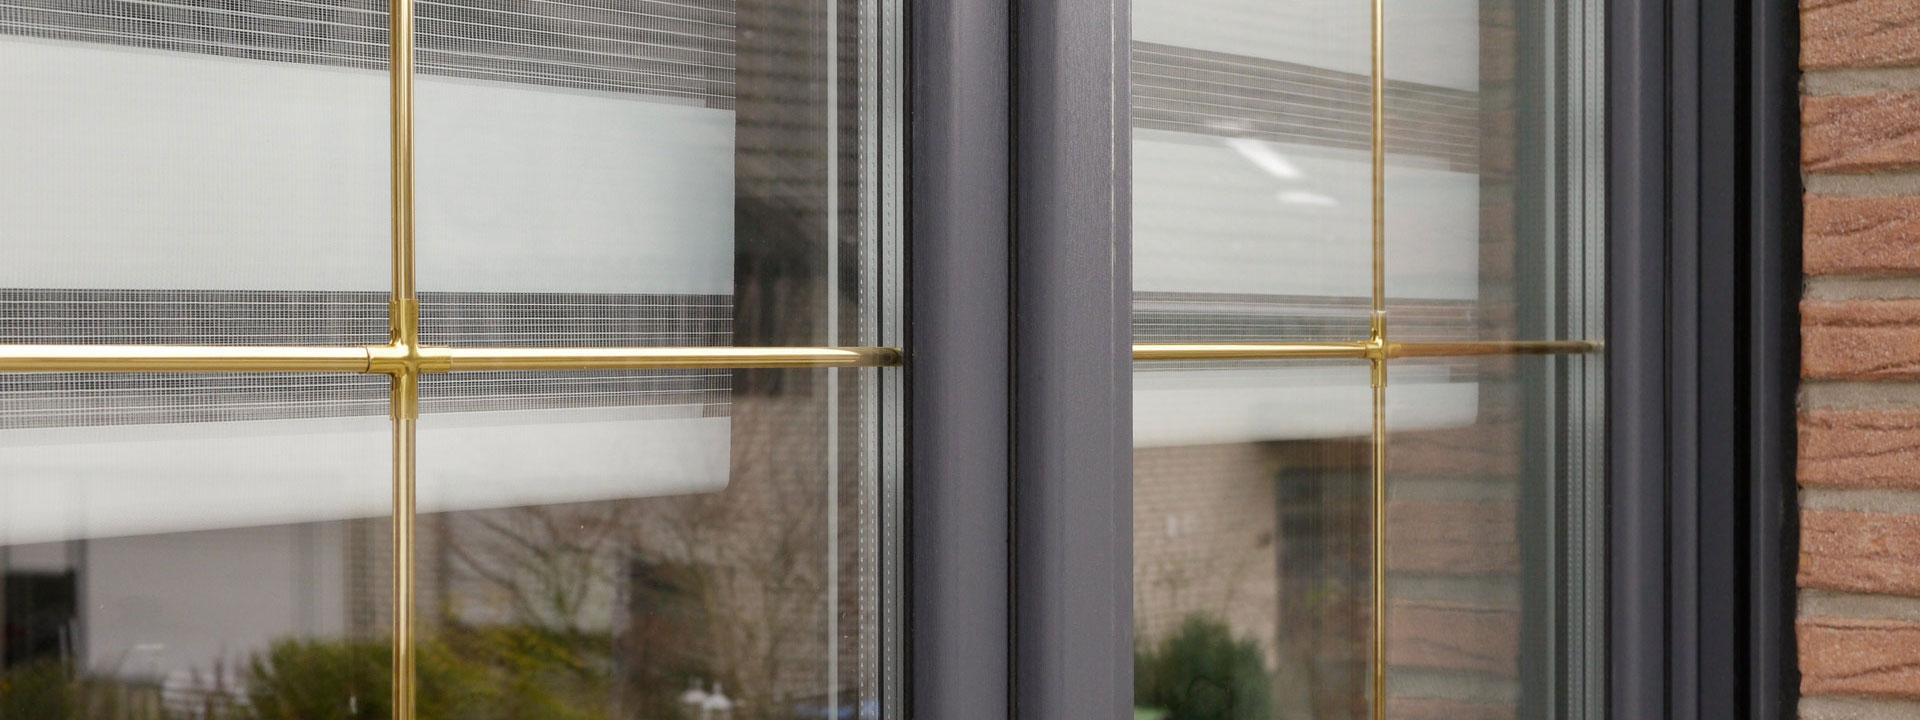 Full Size of Fenster Mit Sprossen Innenliegend Kosten Landhausstil Und Rollladen Preisunterschied Preise Innenliegenden Anthrazit Preis Aachen Kunststofffenster Holzfenster Fenster Fenster Mit Sprossen